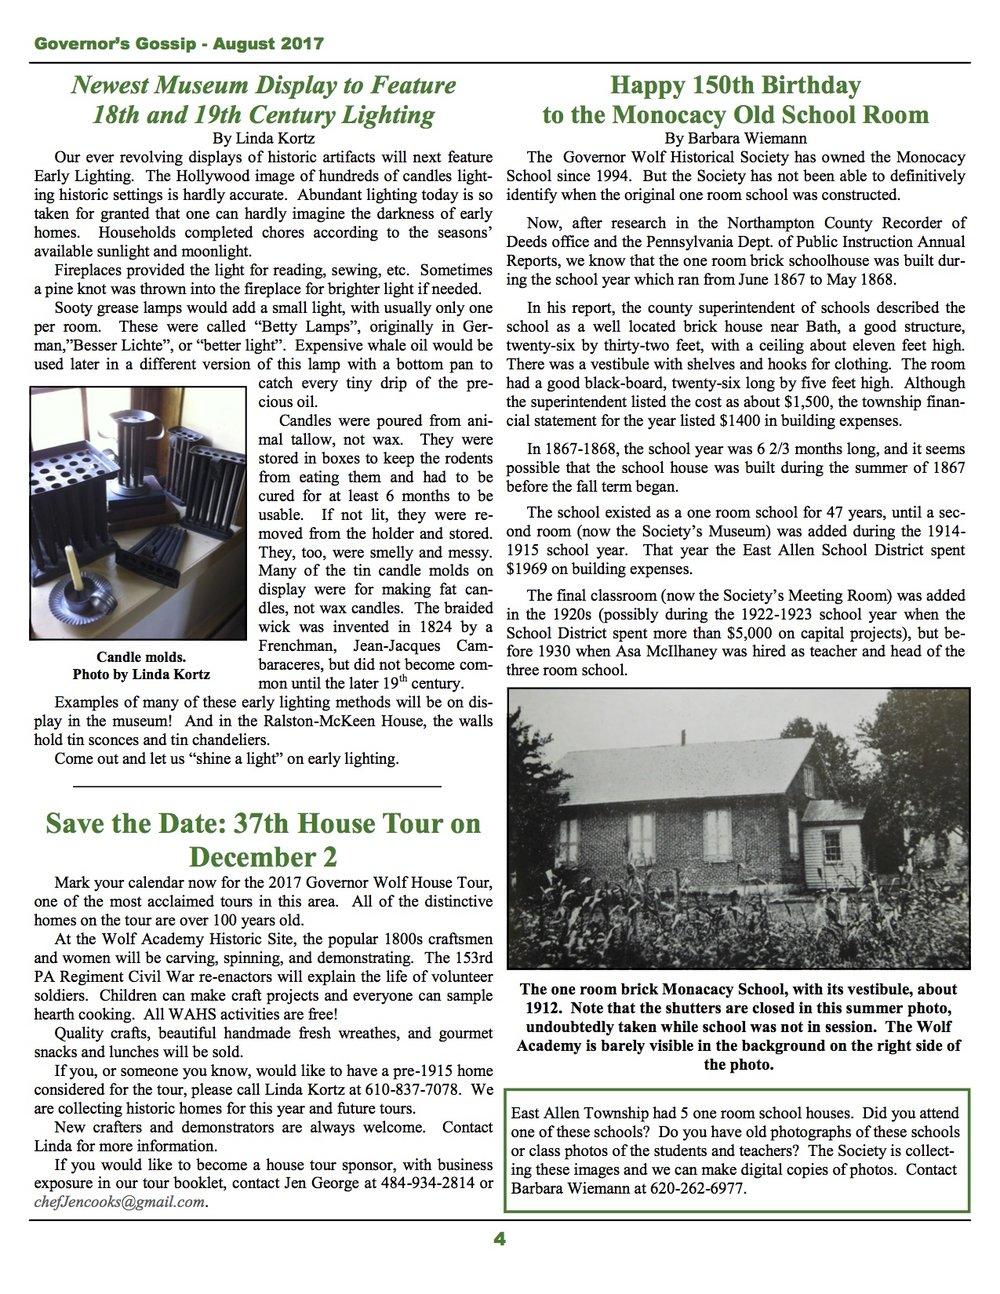 2017 August Newsletter4.jpg